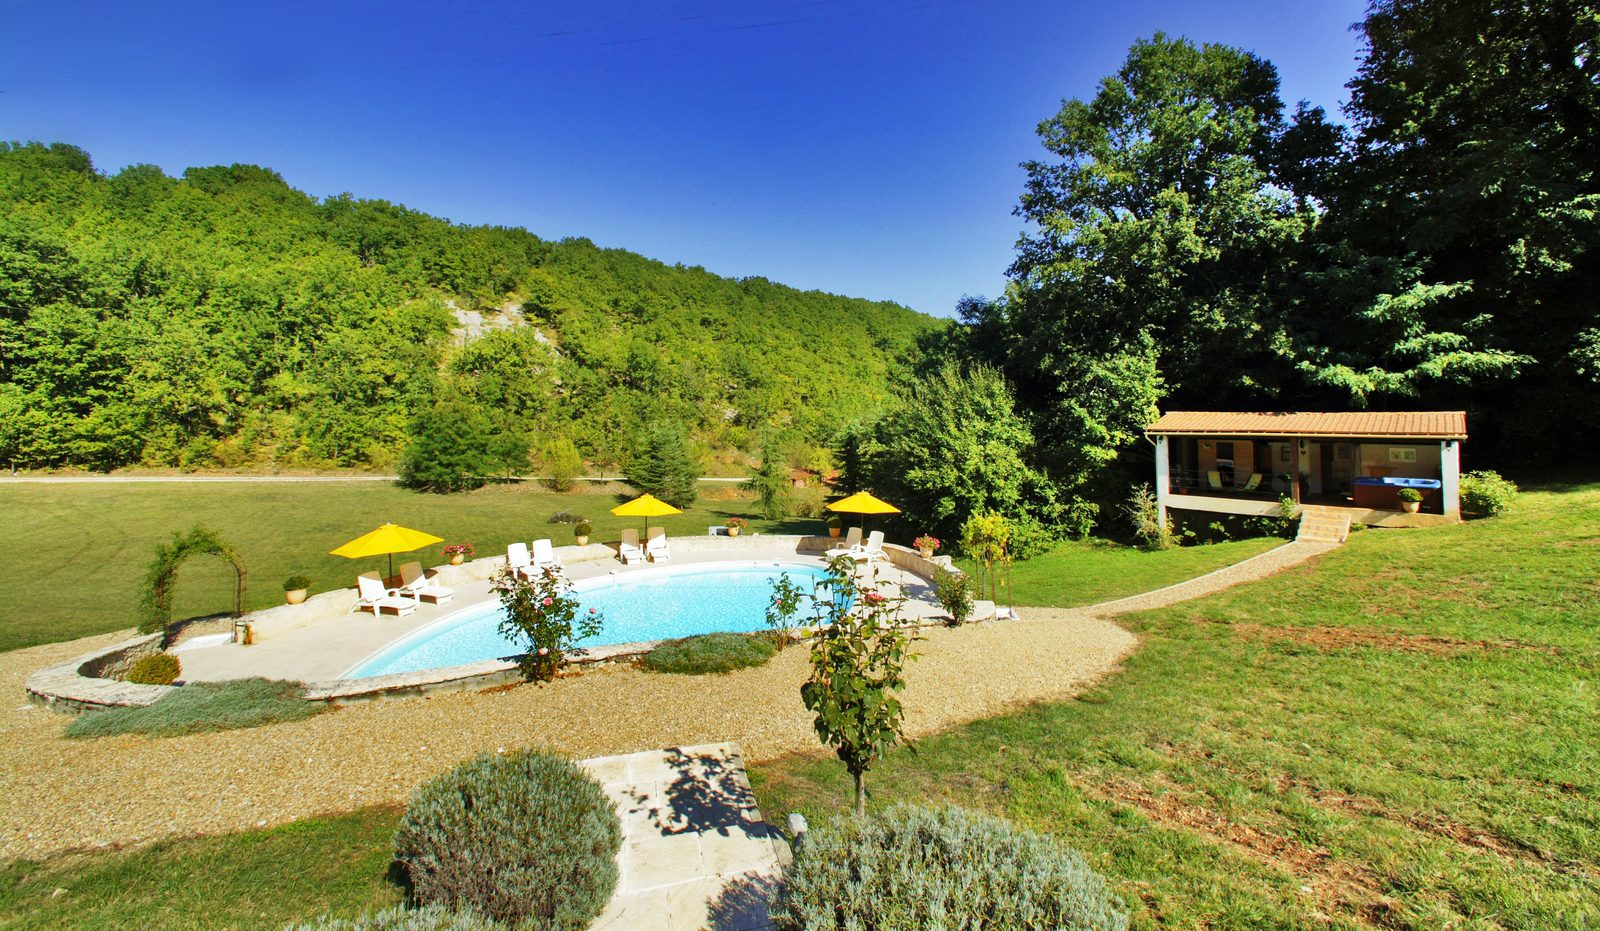 la Nouvelle Source kleinschalig vakantiepark in de Dordogne